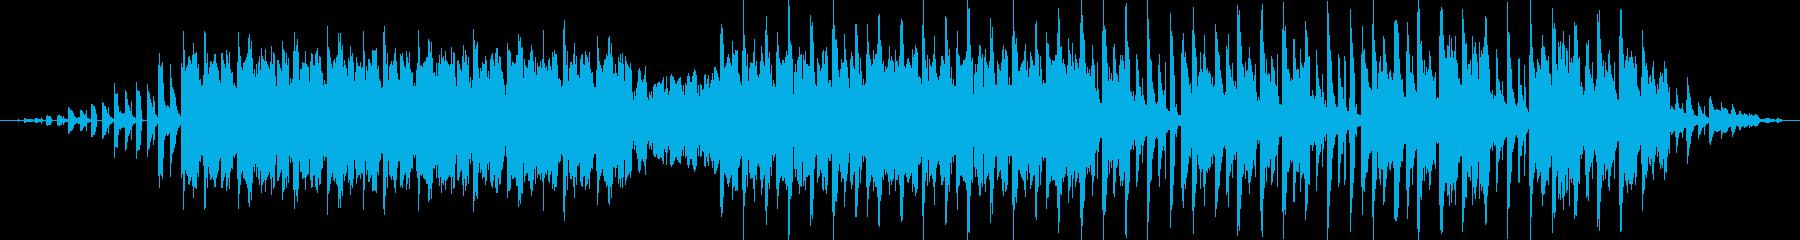 催眠エレクトロアンビエントディープ...の再生済みの波形